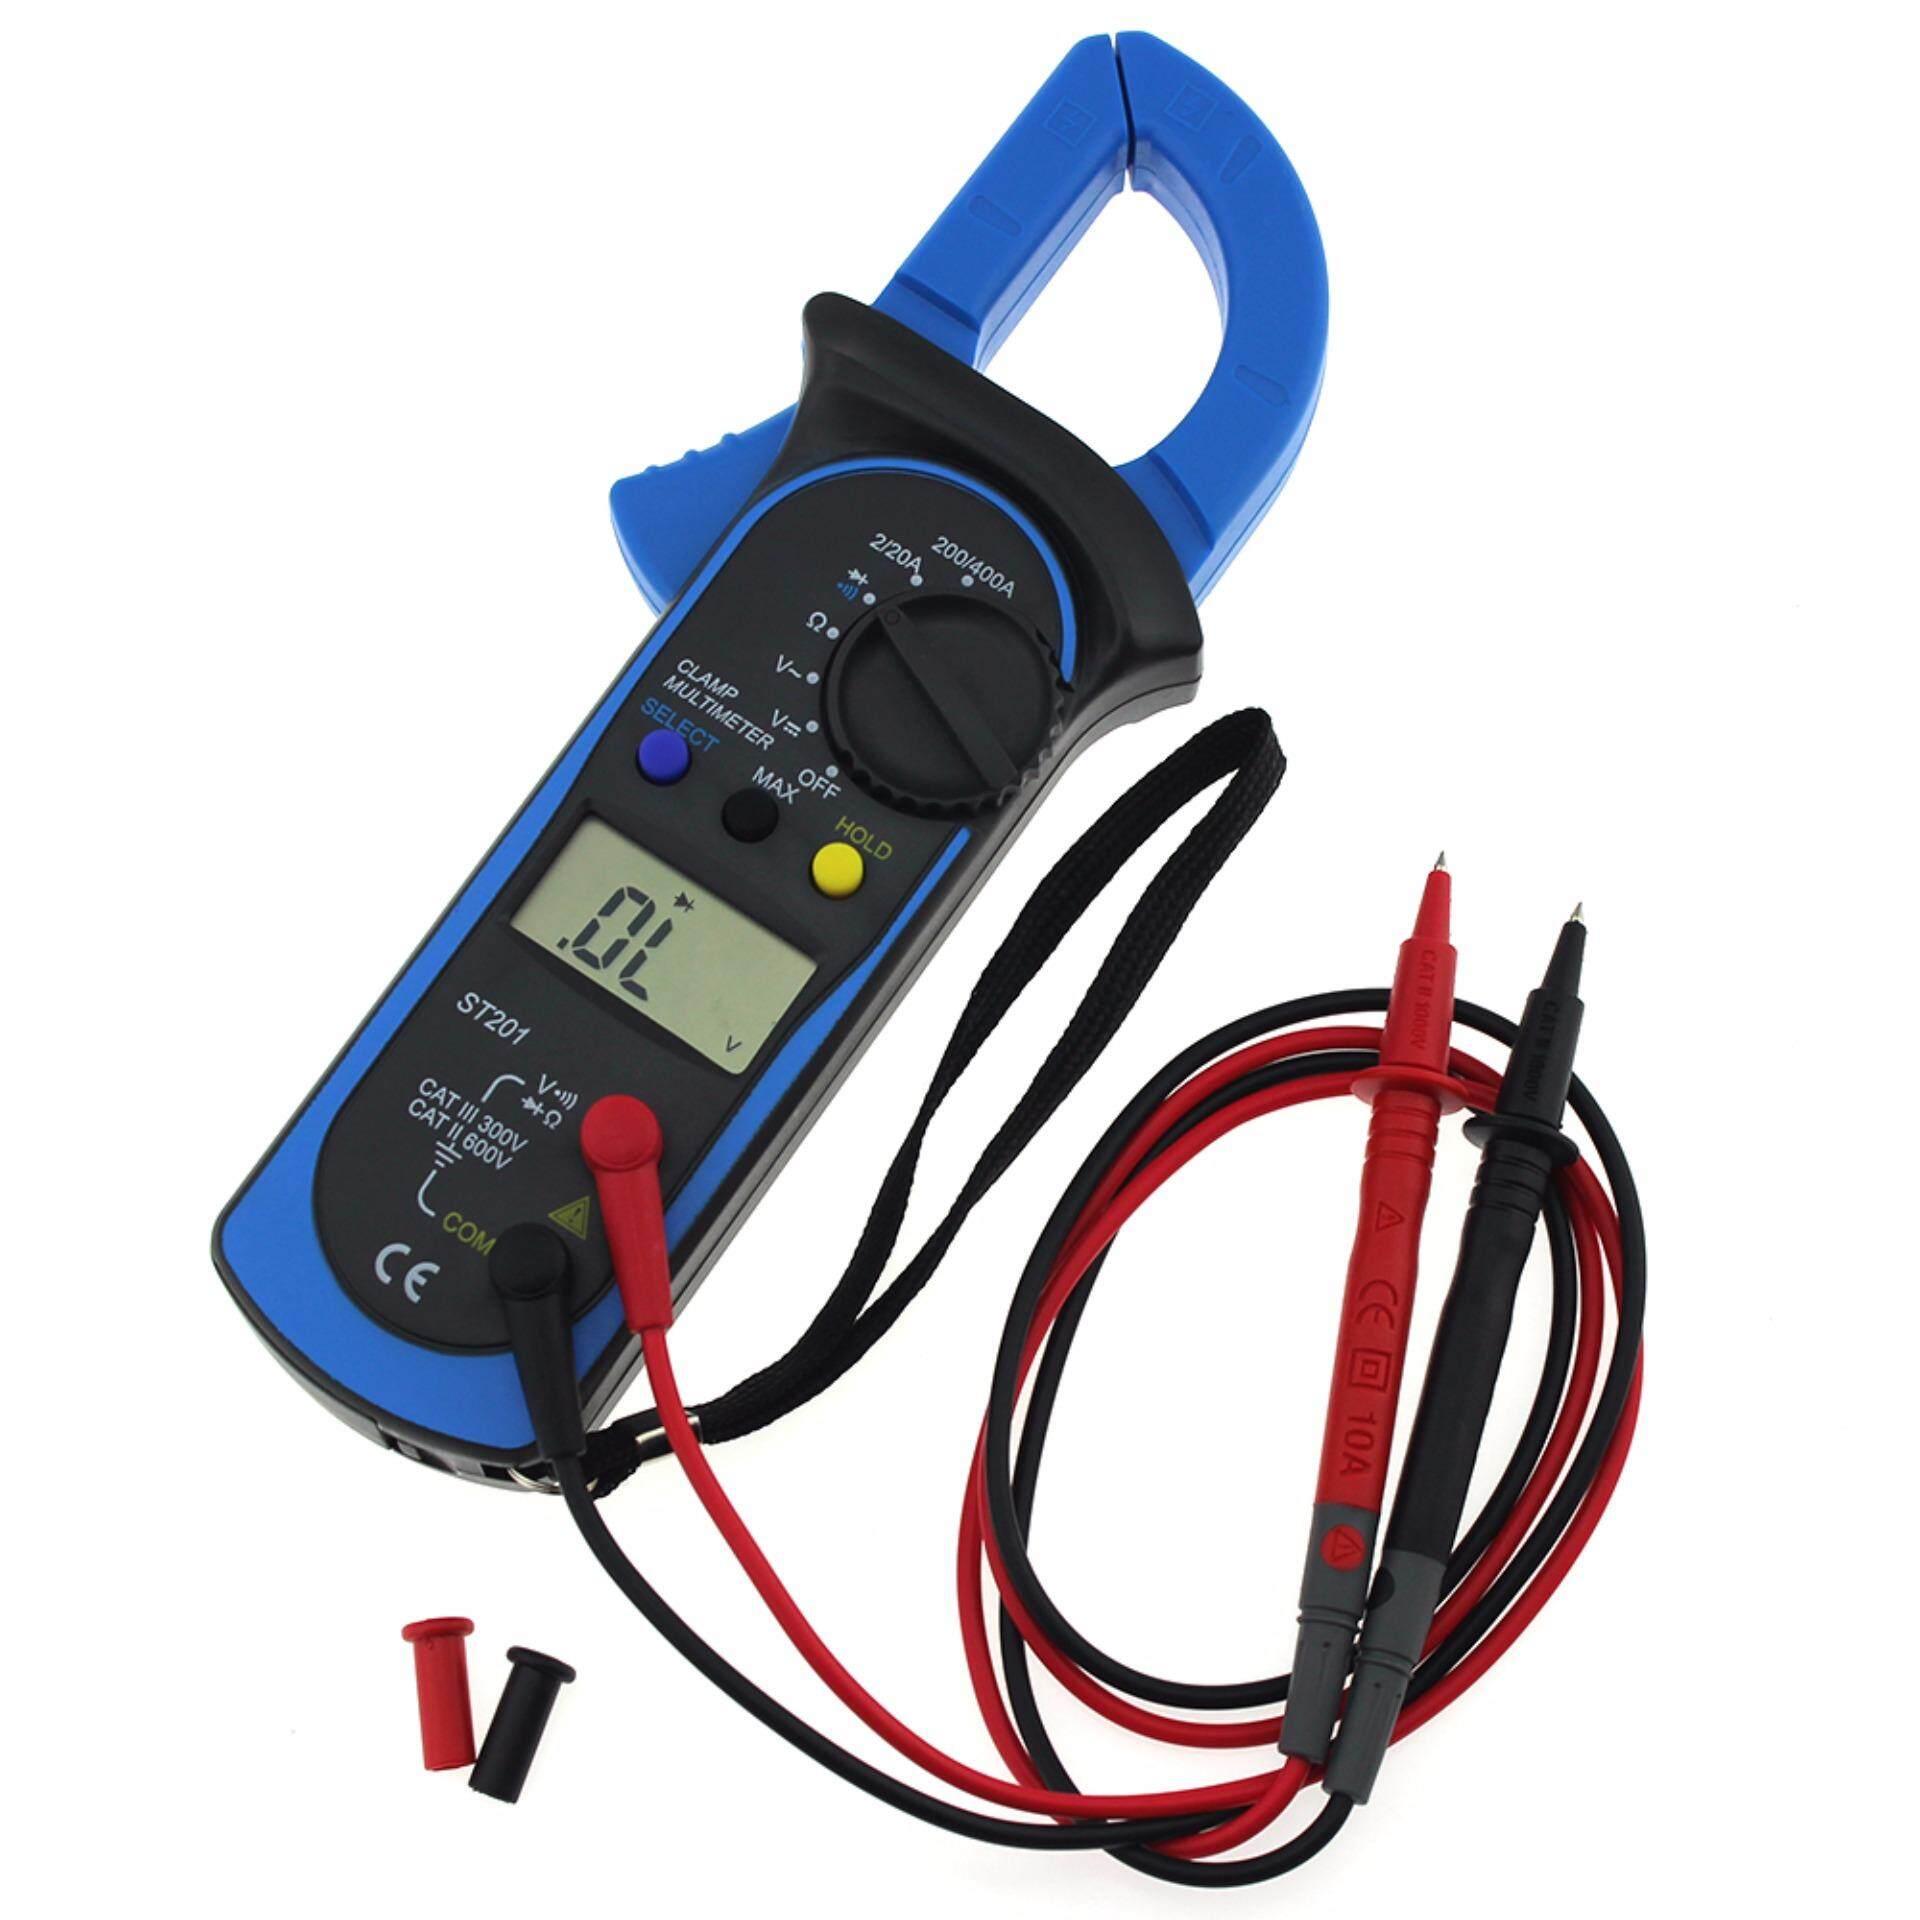 DT-201 Digital Clamp Meter LCD Display Clip-on Multimeter Handheld Kemasan Yang Bagus Voltage Current Tabling-Intl